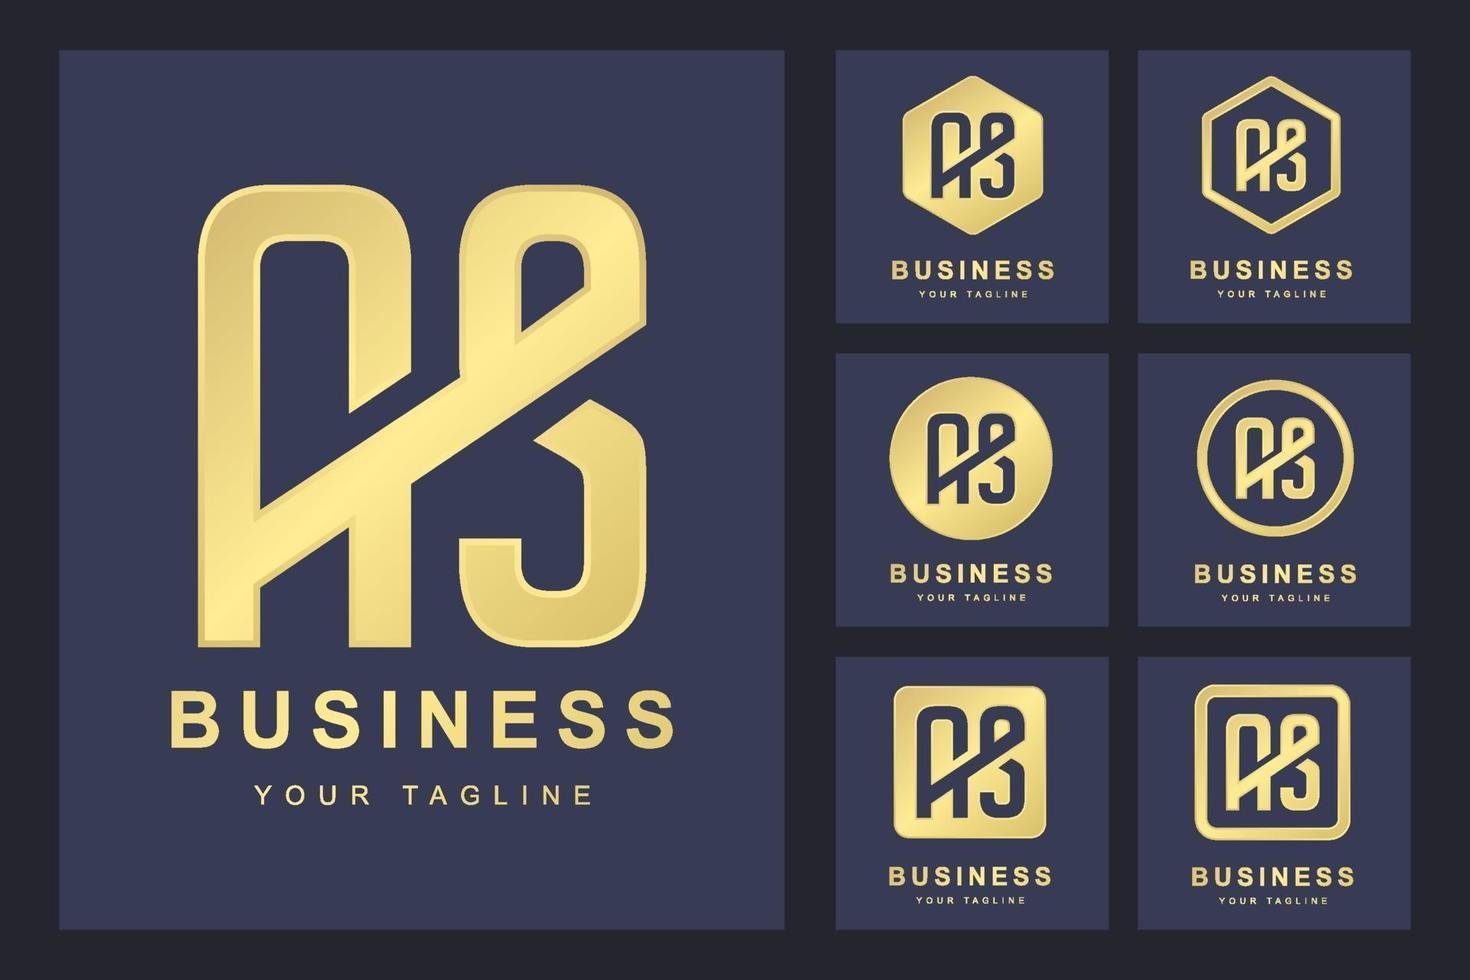 uppsättning abstrakt första bokstaven som, gyllene logotyp mall. logotyp för företag, personlig, organisation. vektor